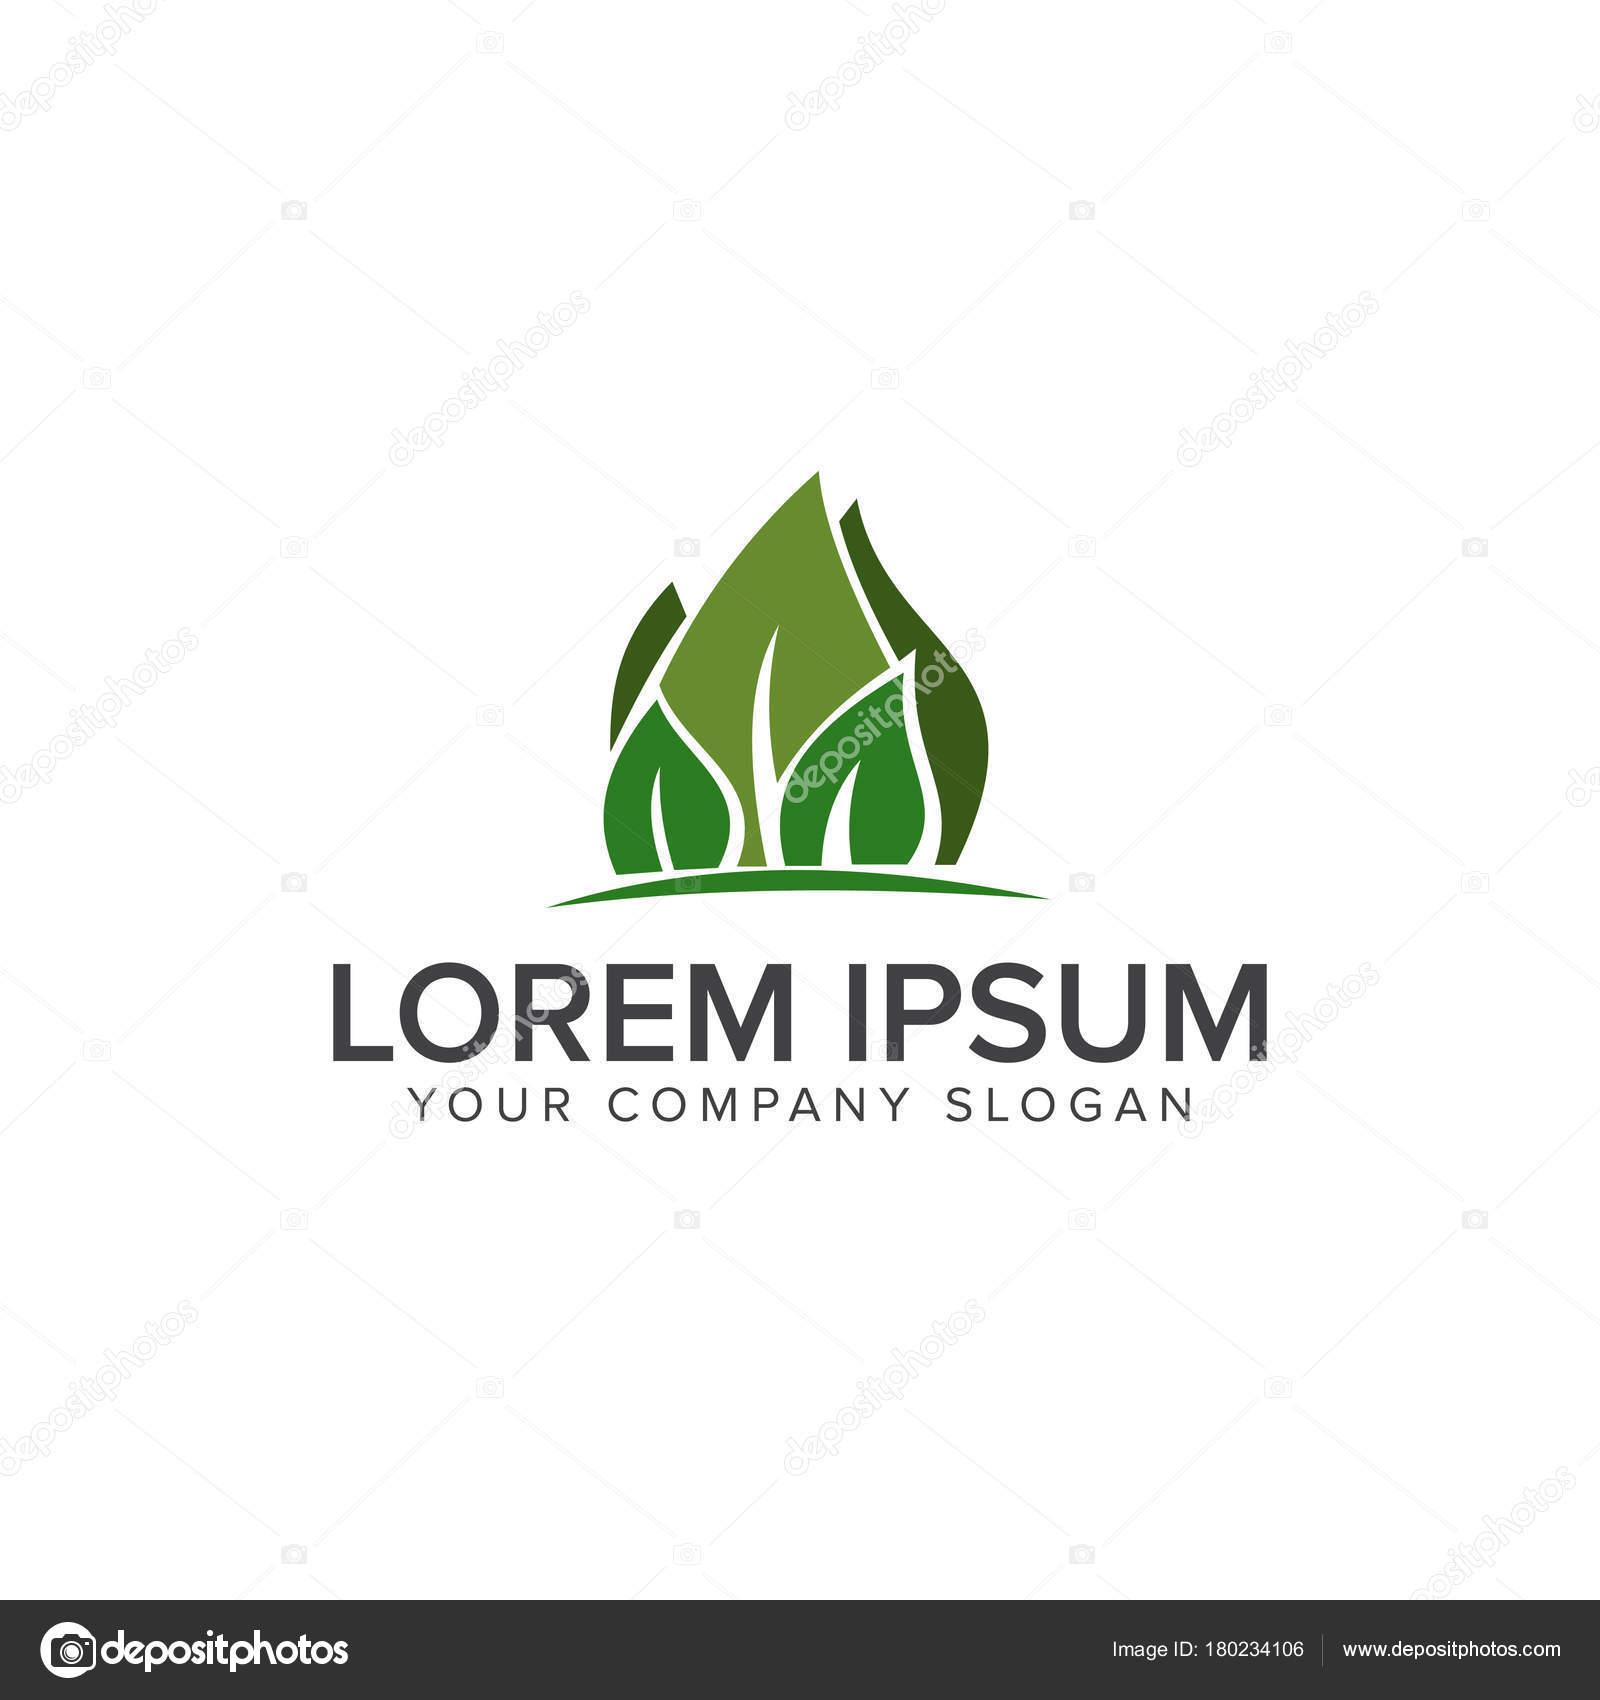 Landschaftsbau Blatt Garten Natur Logo Design Konzept Stockvektor